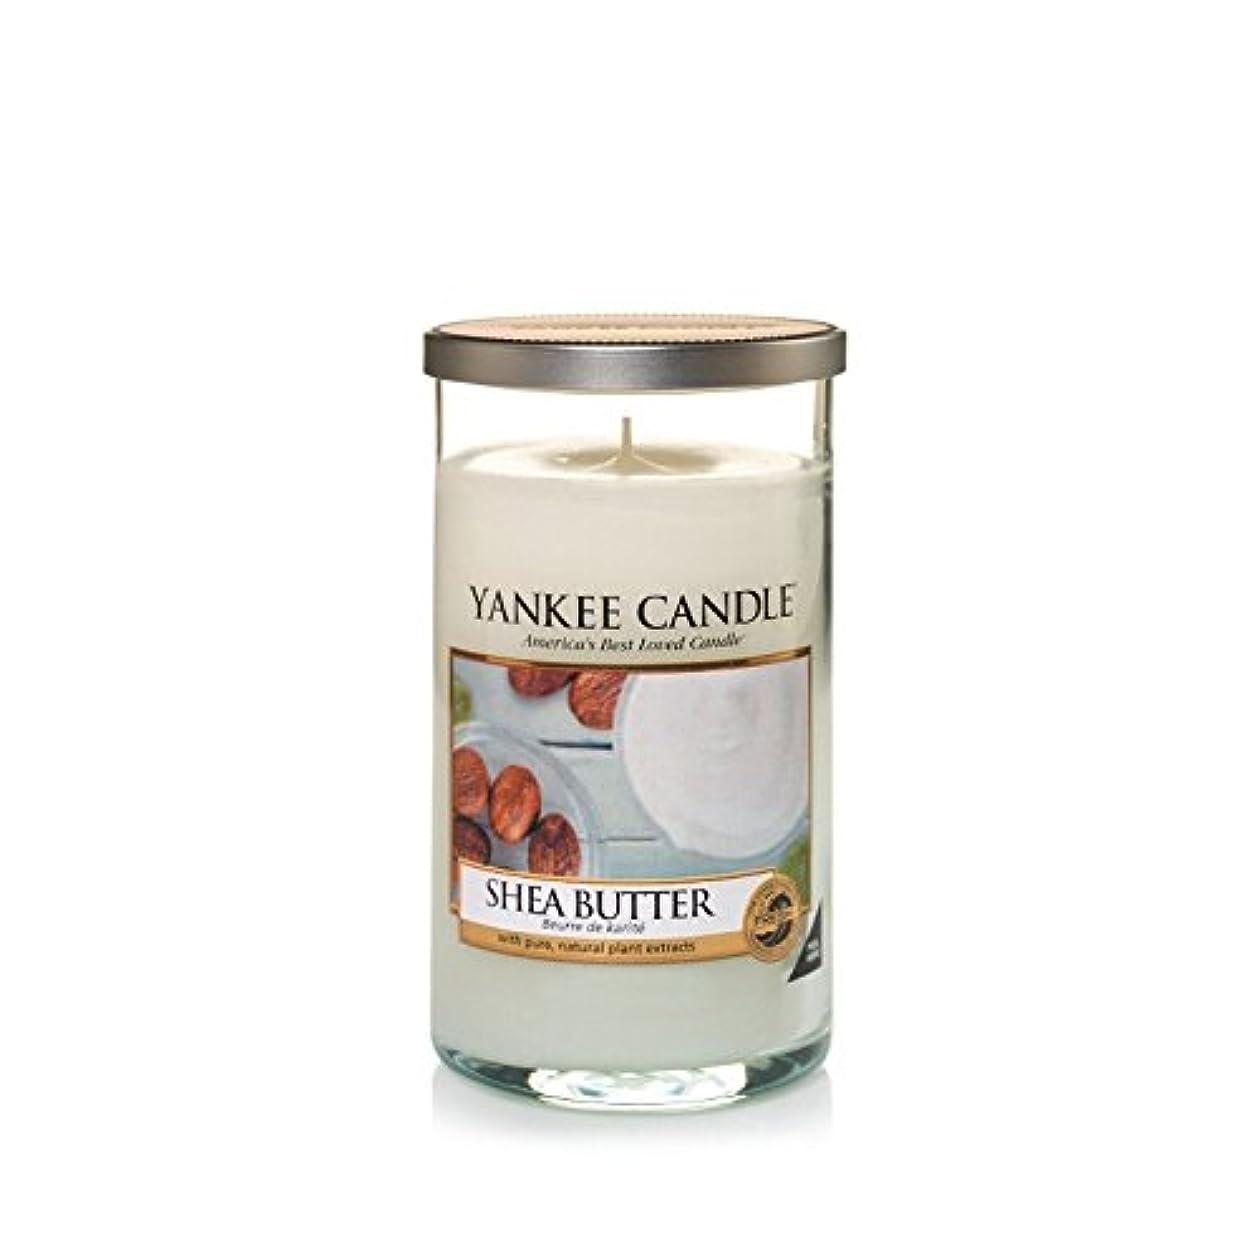 透明に流出ズームインするYankee Candles Medium Pillar Candle - Shea Butter (Pack of 2) - ヤンキーキャンドルメディアピラーキャンドル - シアバター (x2) [並行輸入品]